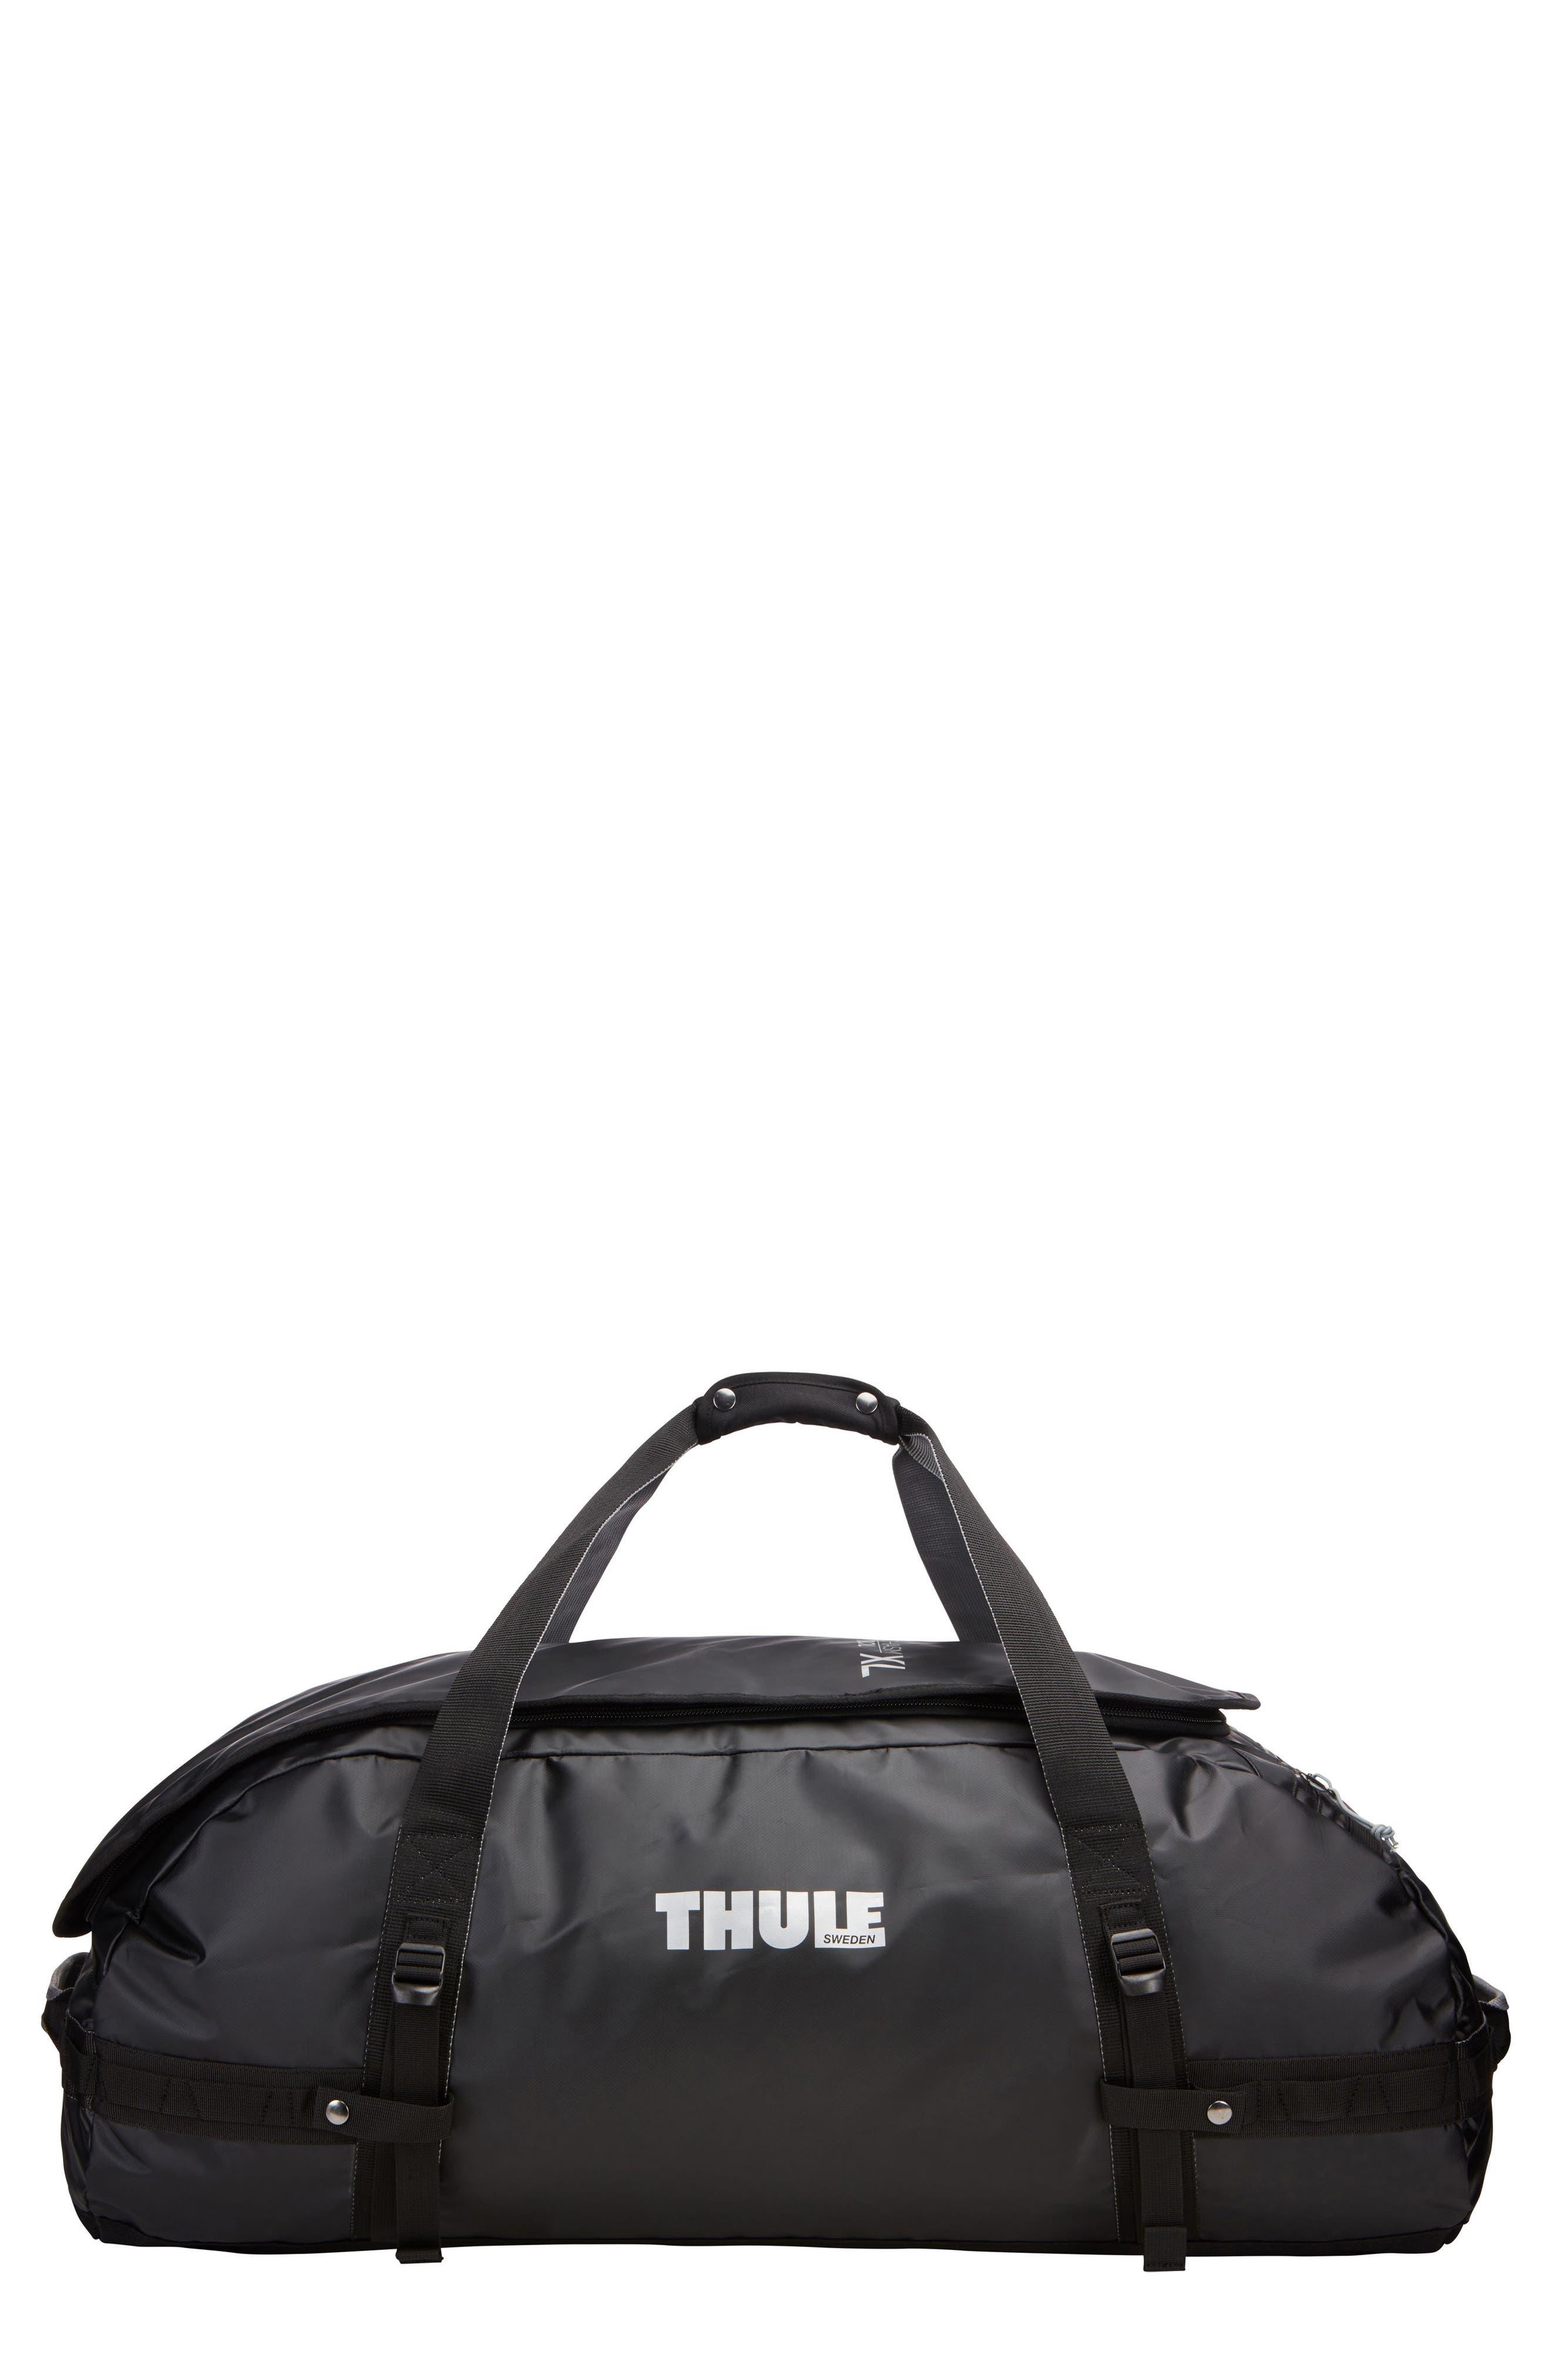 Thule Chasm 130 Liter Convertible Duffel Bag